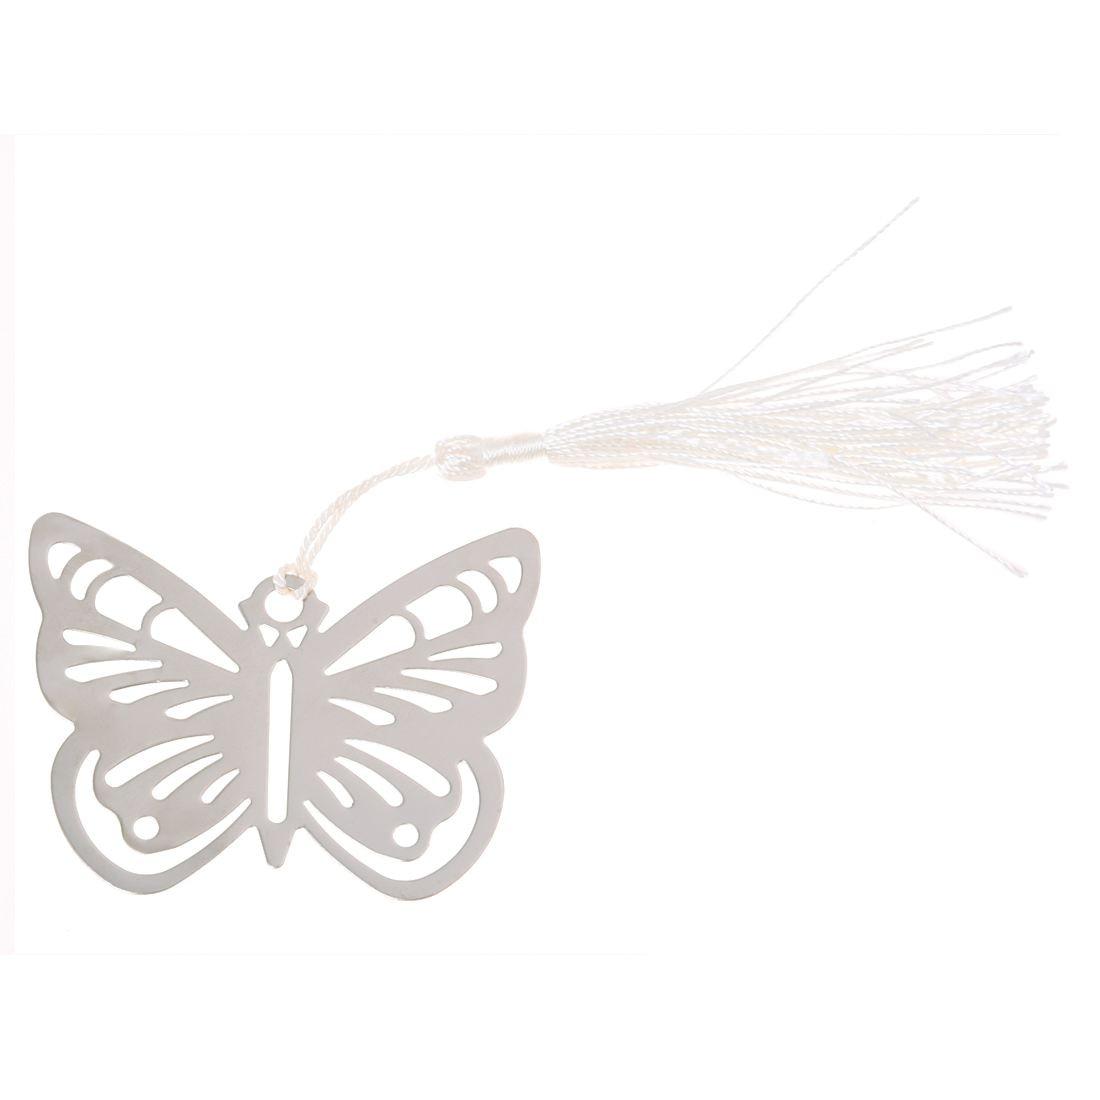 Закладки S Закладки Fringe бабочка серебро Нержавеющая сталь для книги